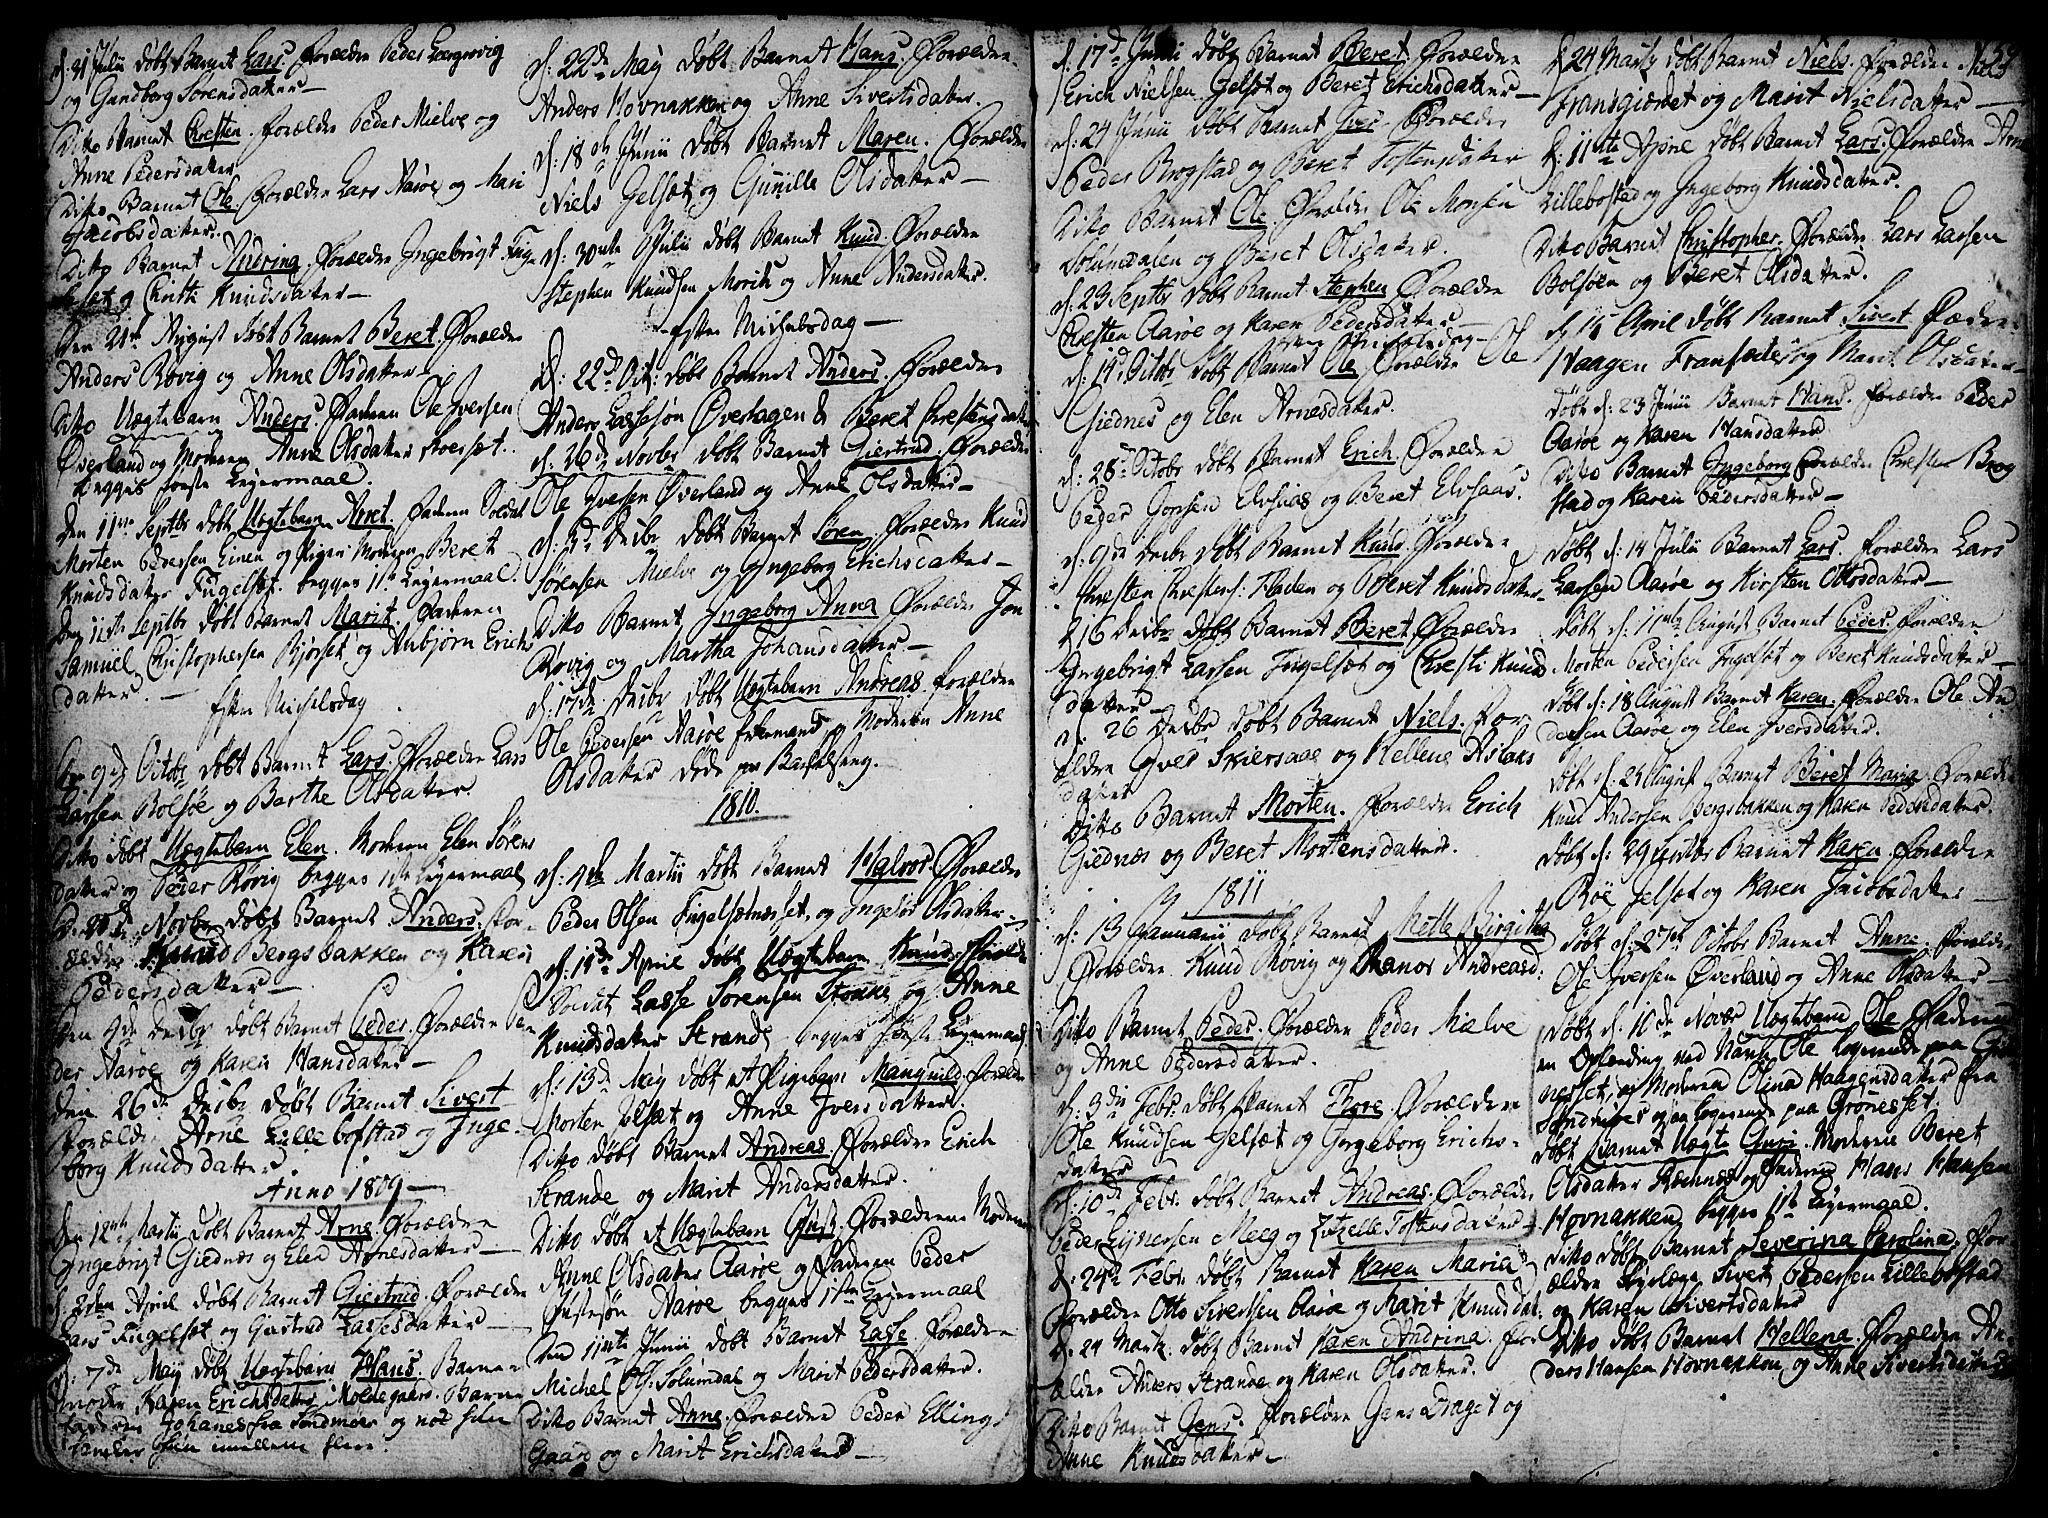 SAT, Ministerialprotokoller, klokkerbøker og fødselsregistre - Møre og Romsdal, 555/L0649: Ministerialbok nr. 555A02 /1, 1795-1821, s. 59